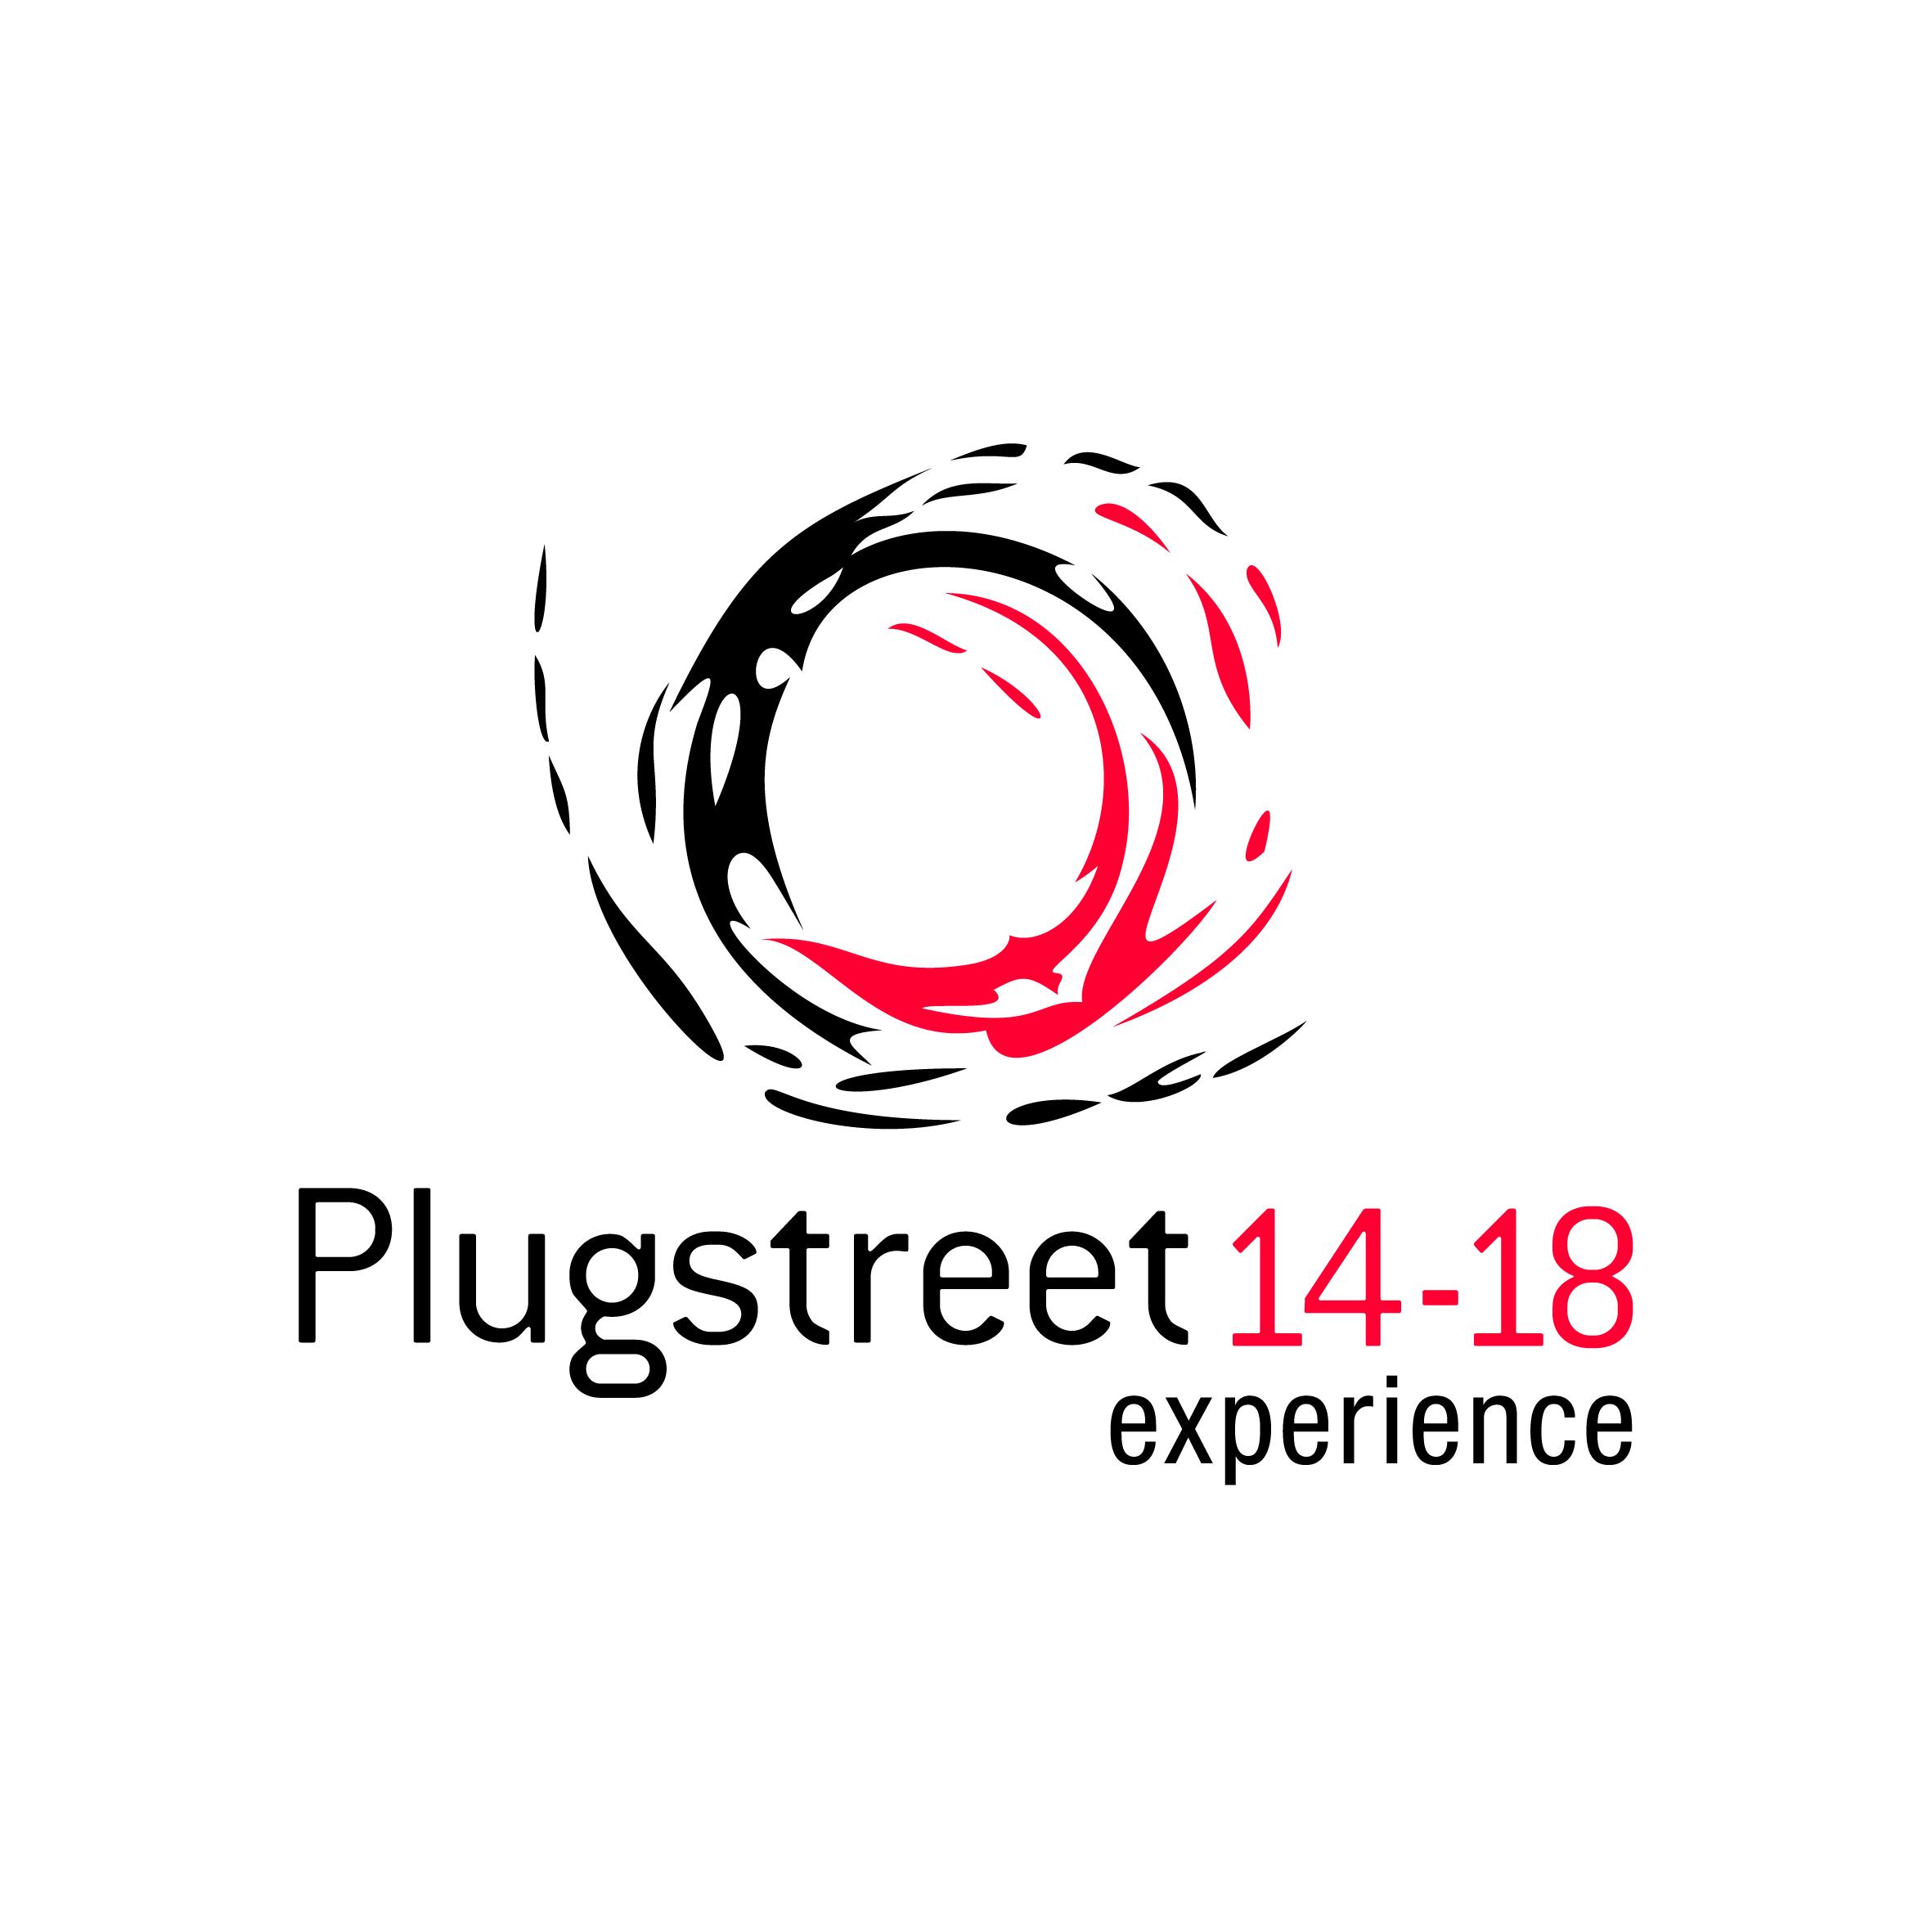 Plugstreet 14-18 experience